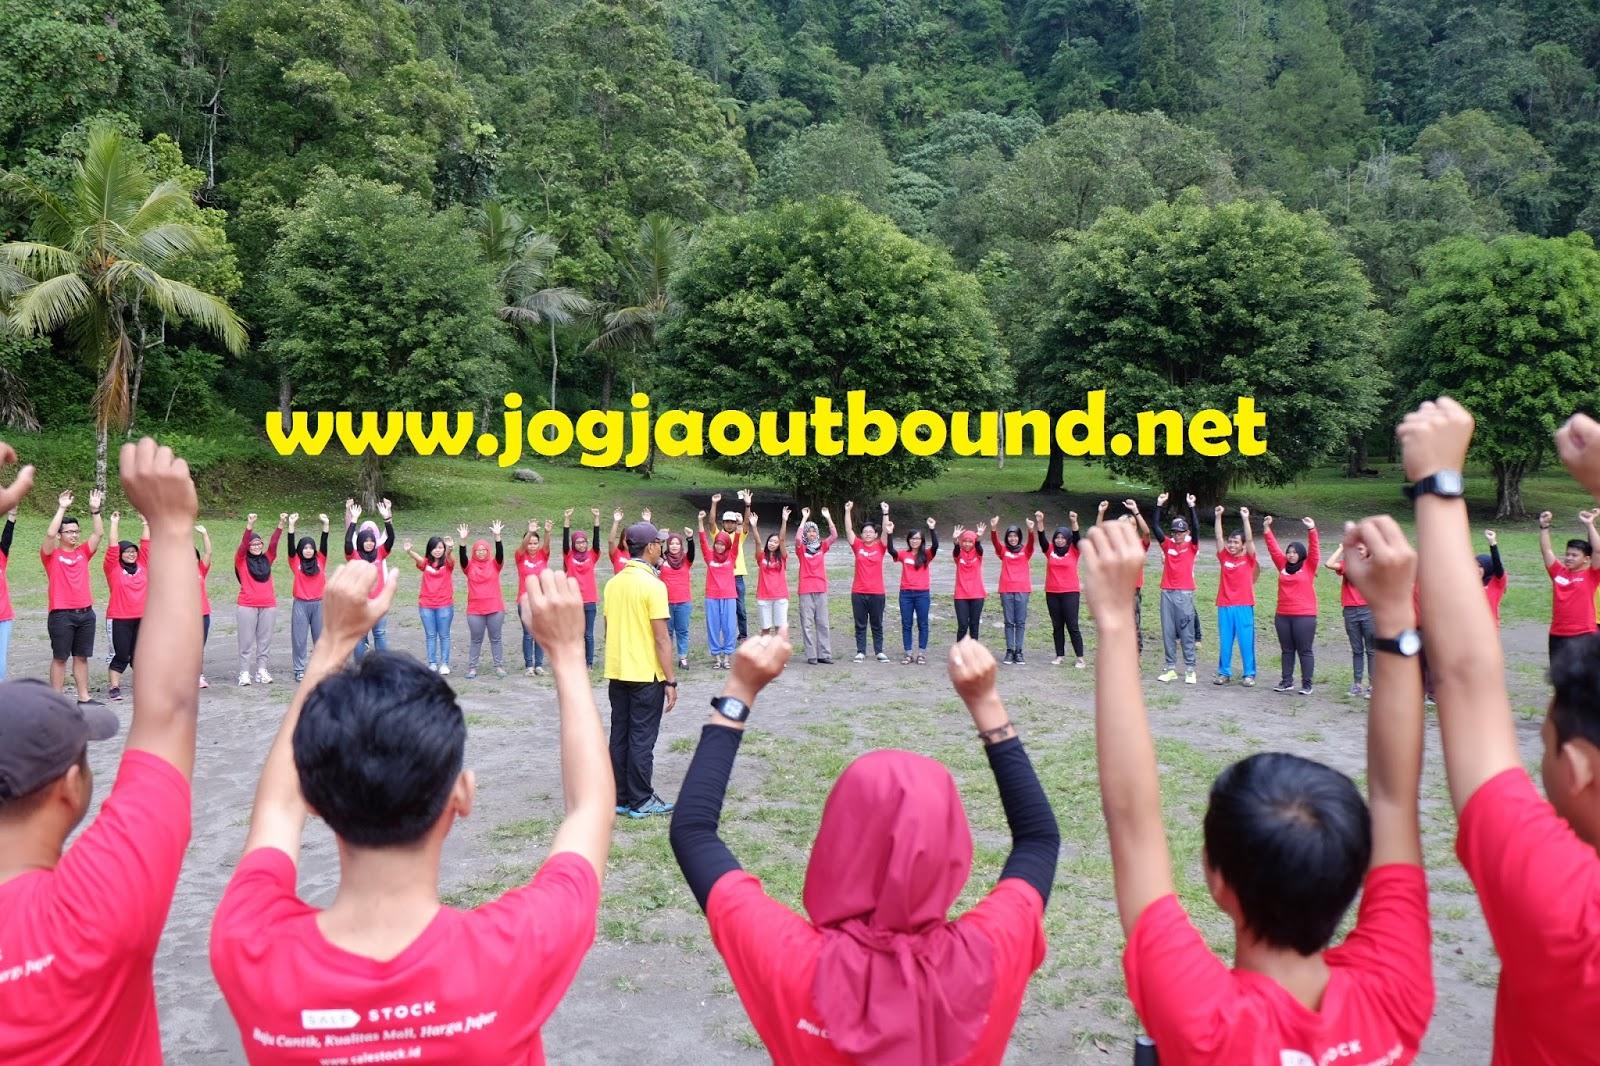 wisata outbound di jogja Tempat Outbound Murah Di Jogja Tempat Wisata Outbound Di